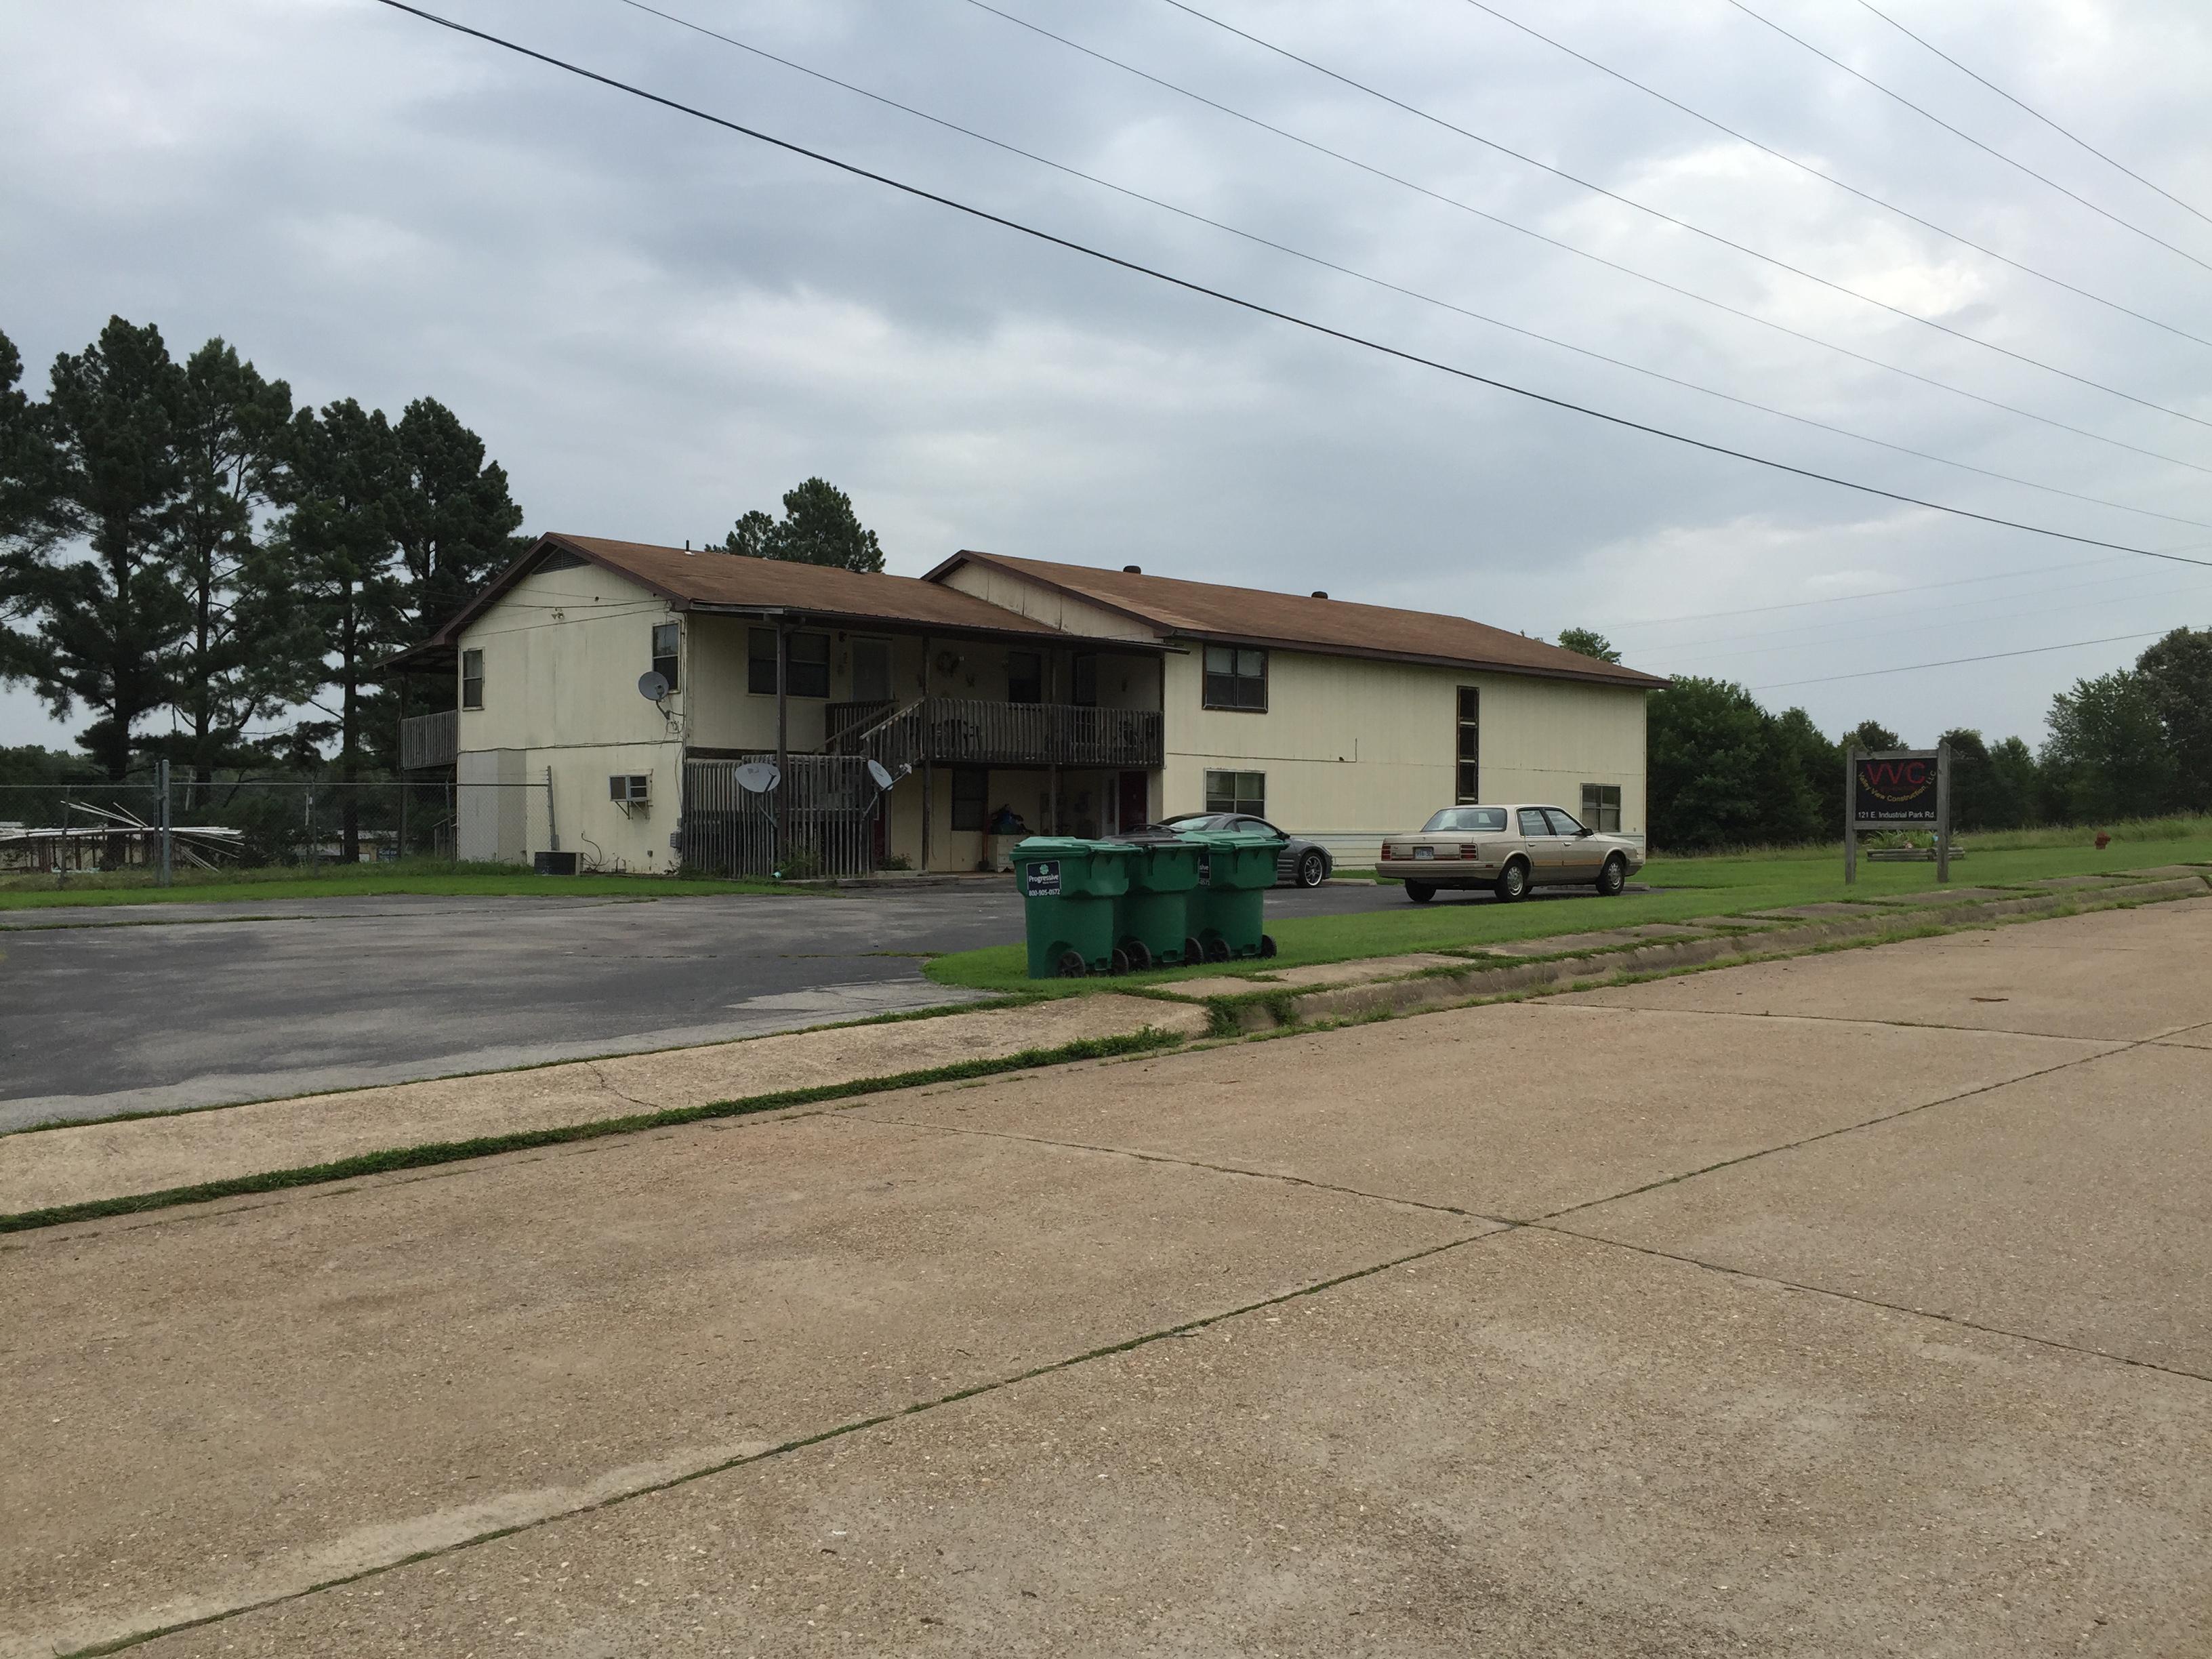 121 E. Industrial Park Rd, Flippin, Arkansas 72634